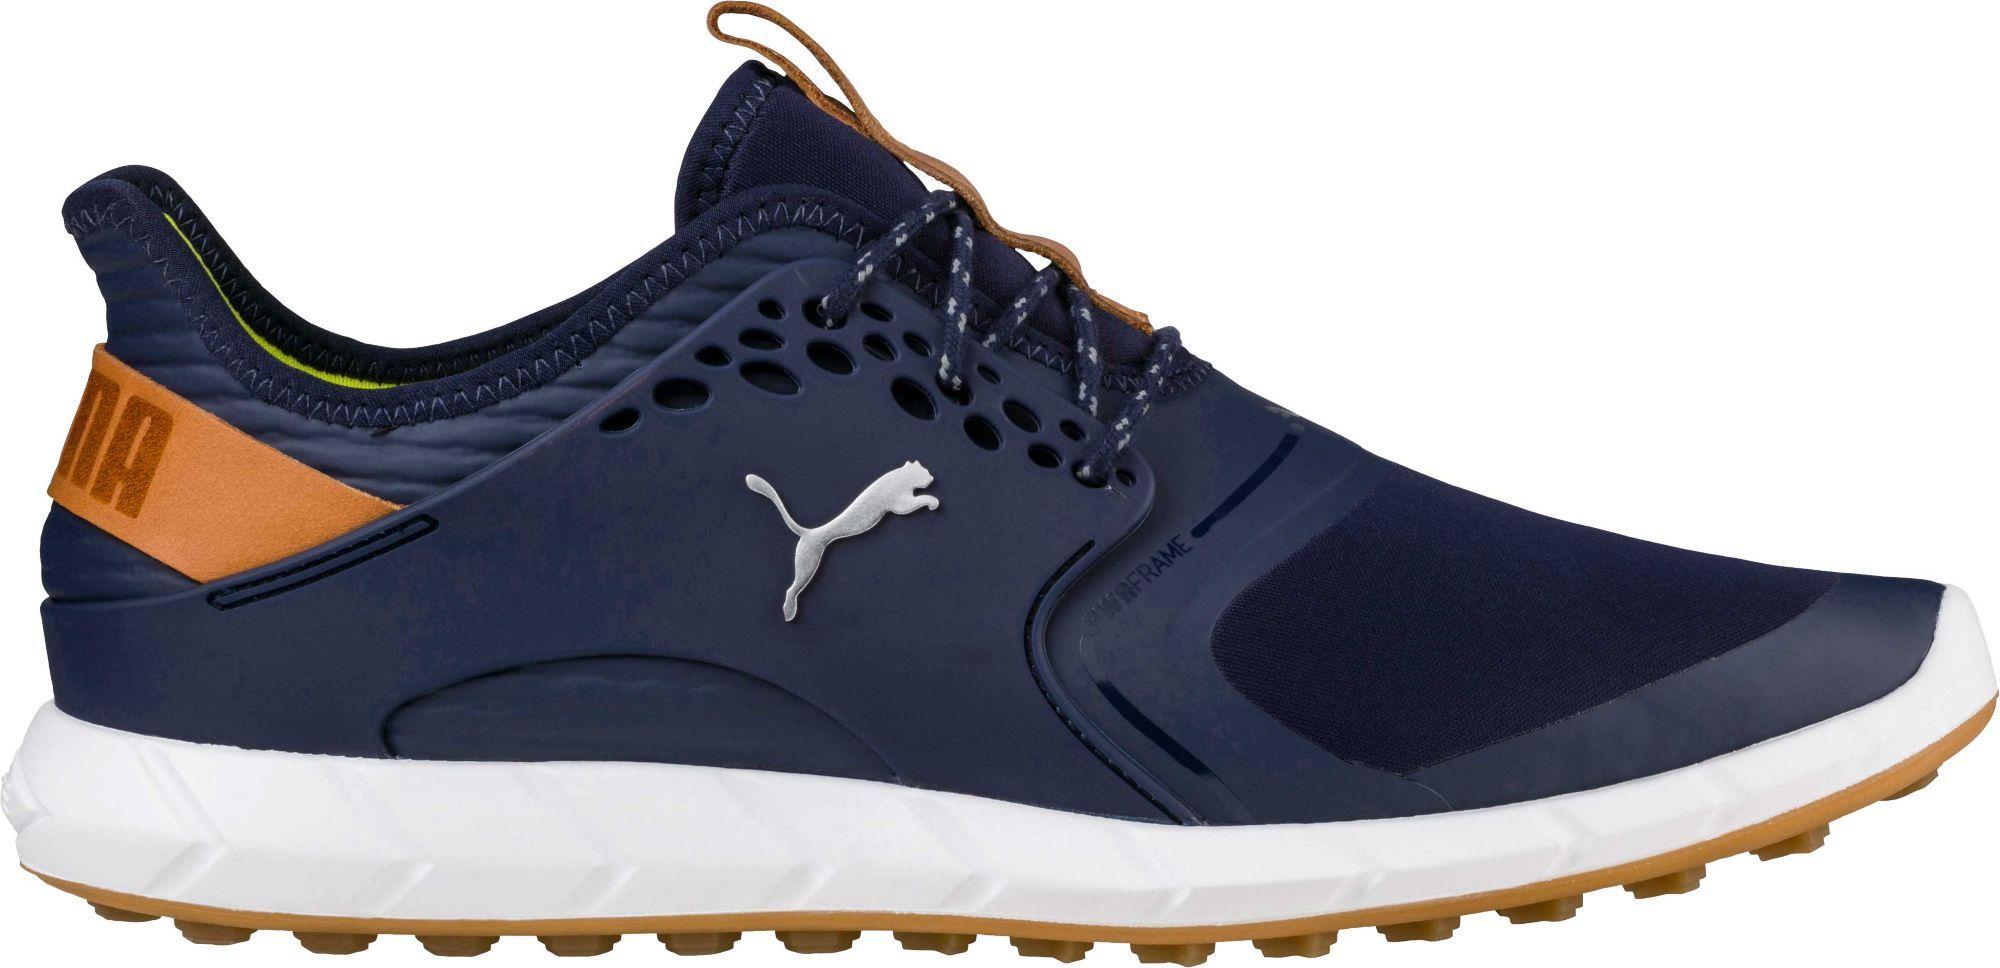 2ec0b17f52a PUMA Men s IGNITE PWRSPORT Golf Shoes in 2019